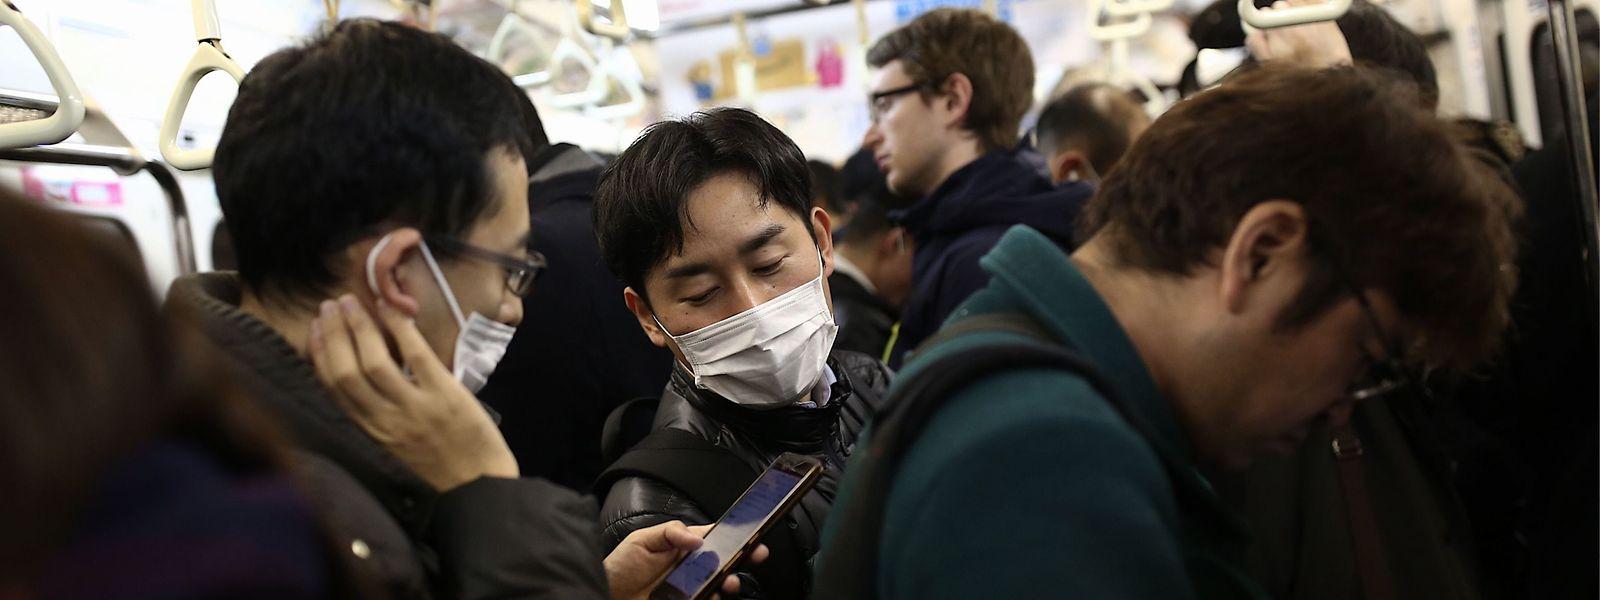 Passagers dans un train à Tokyo. Un virus rode...